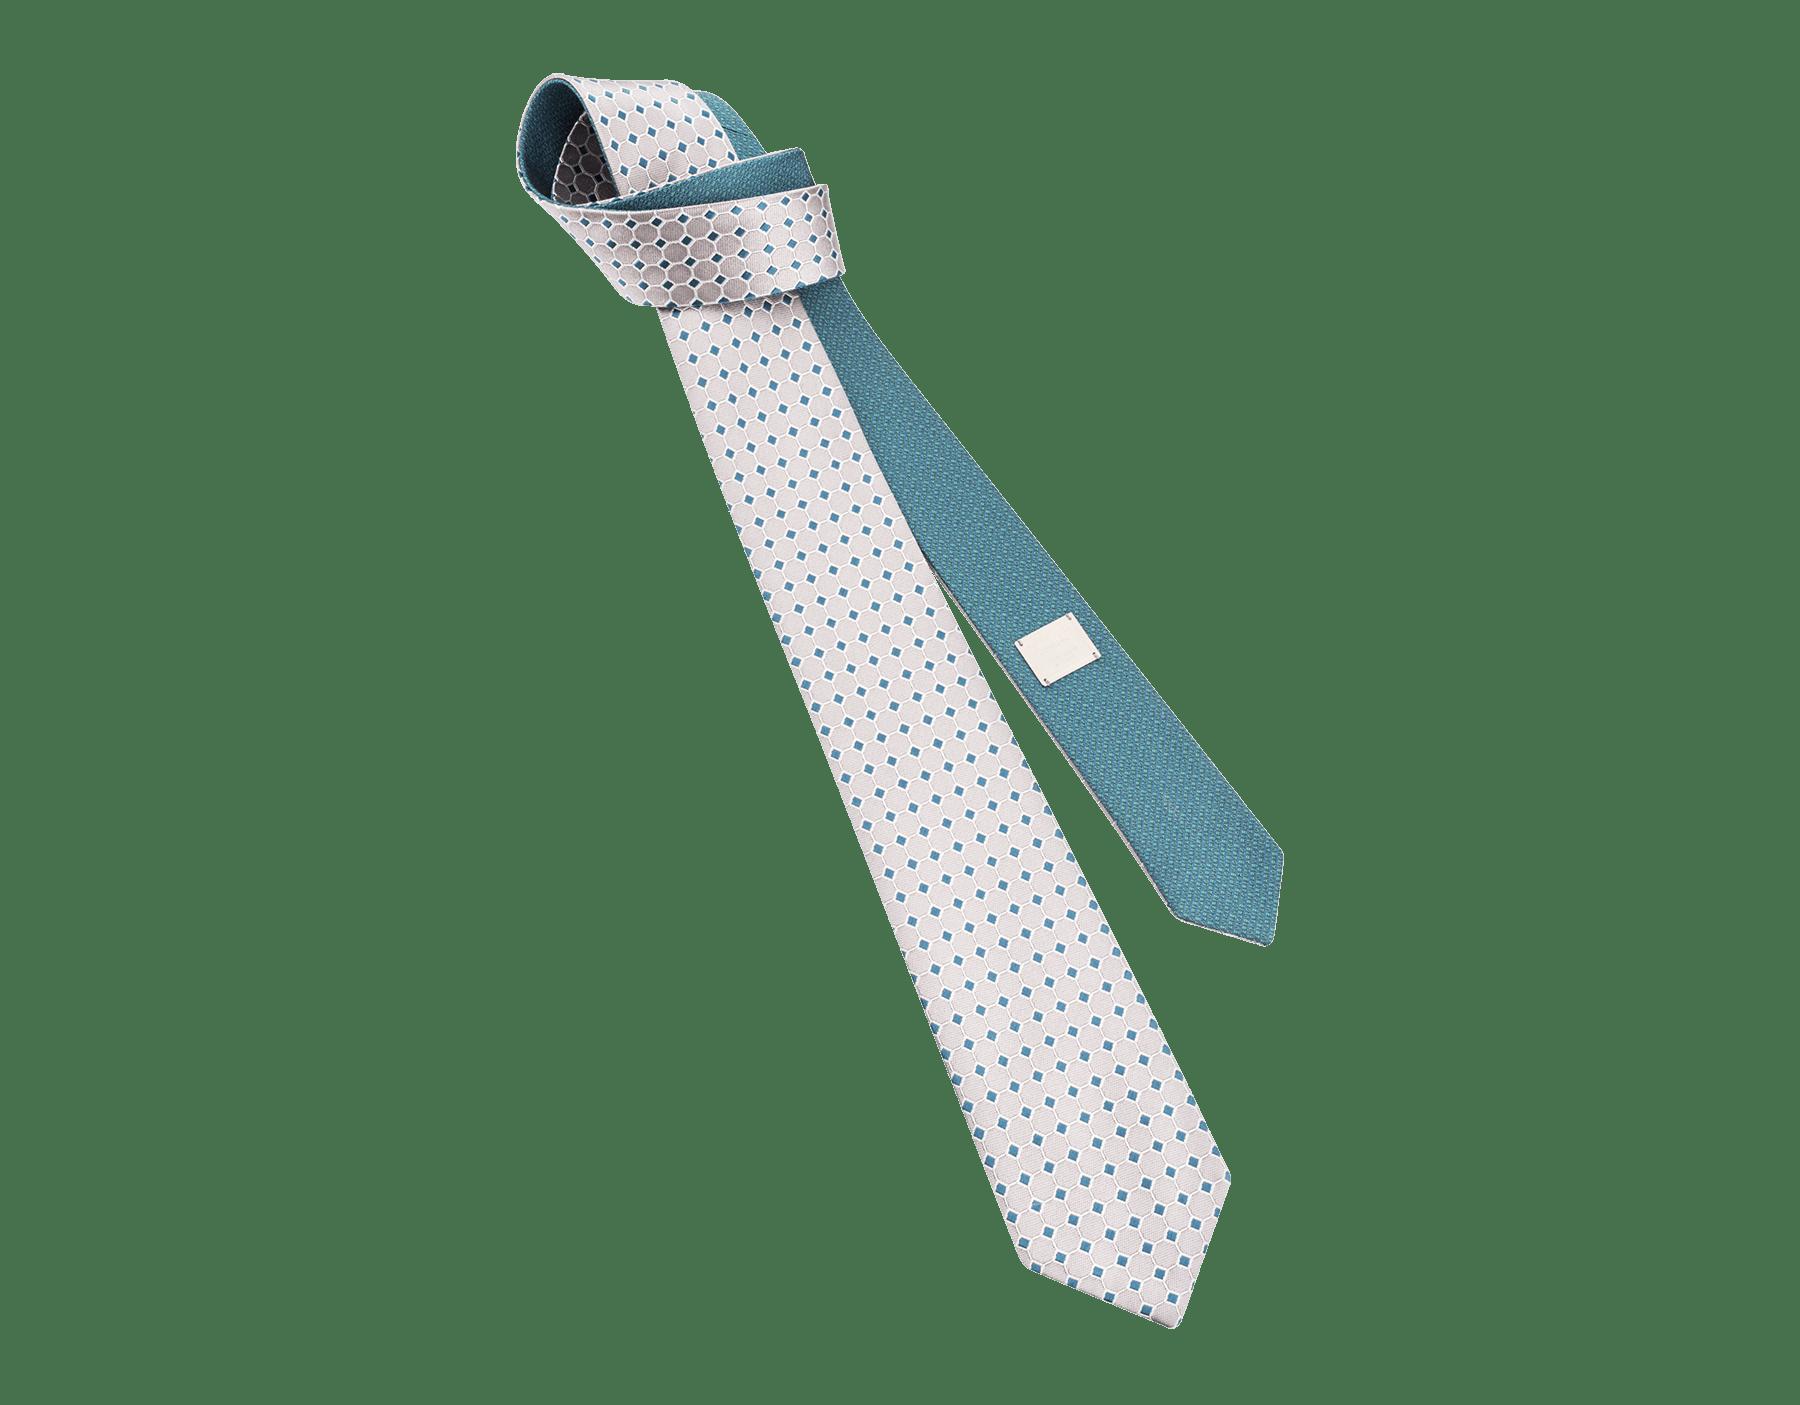 Cravatta grigia con motivo Double Logo Octo in seta pregiata. 244139 image 1